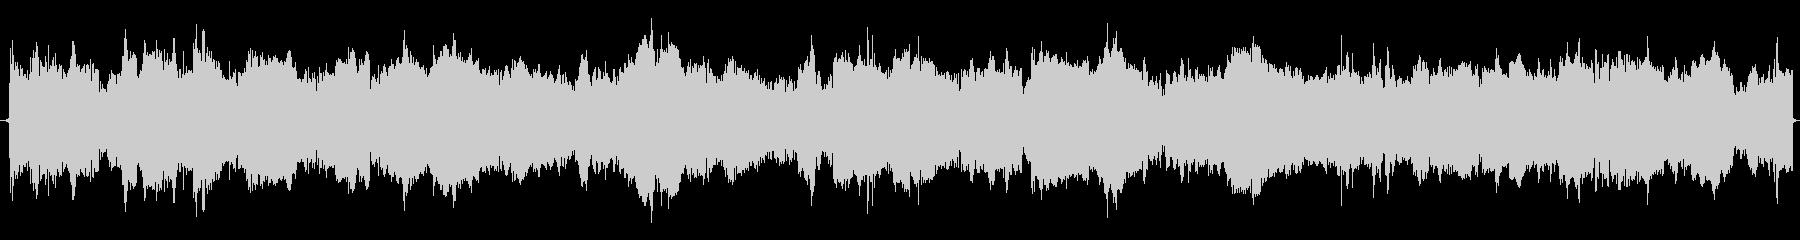 サイレン(電子音 低)救急車 外国 海外の未再生の波形